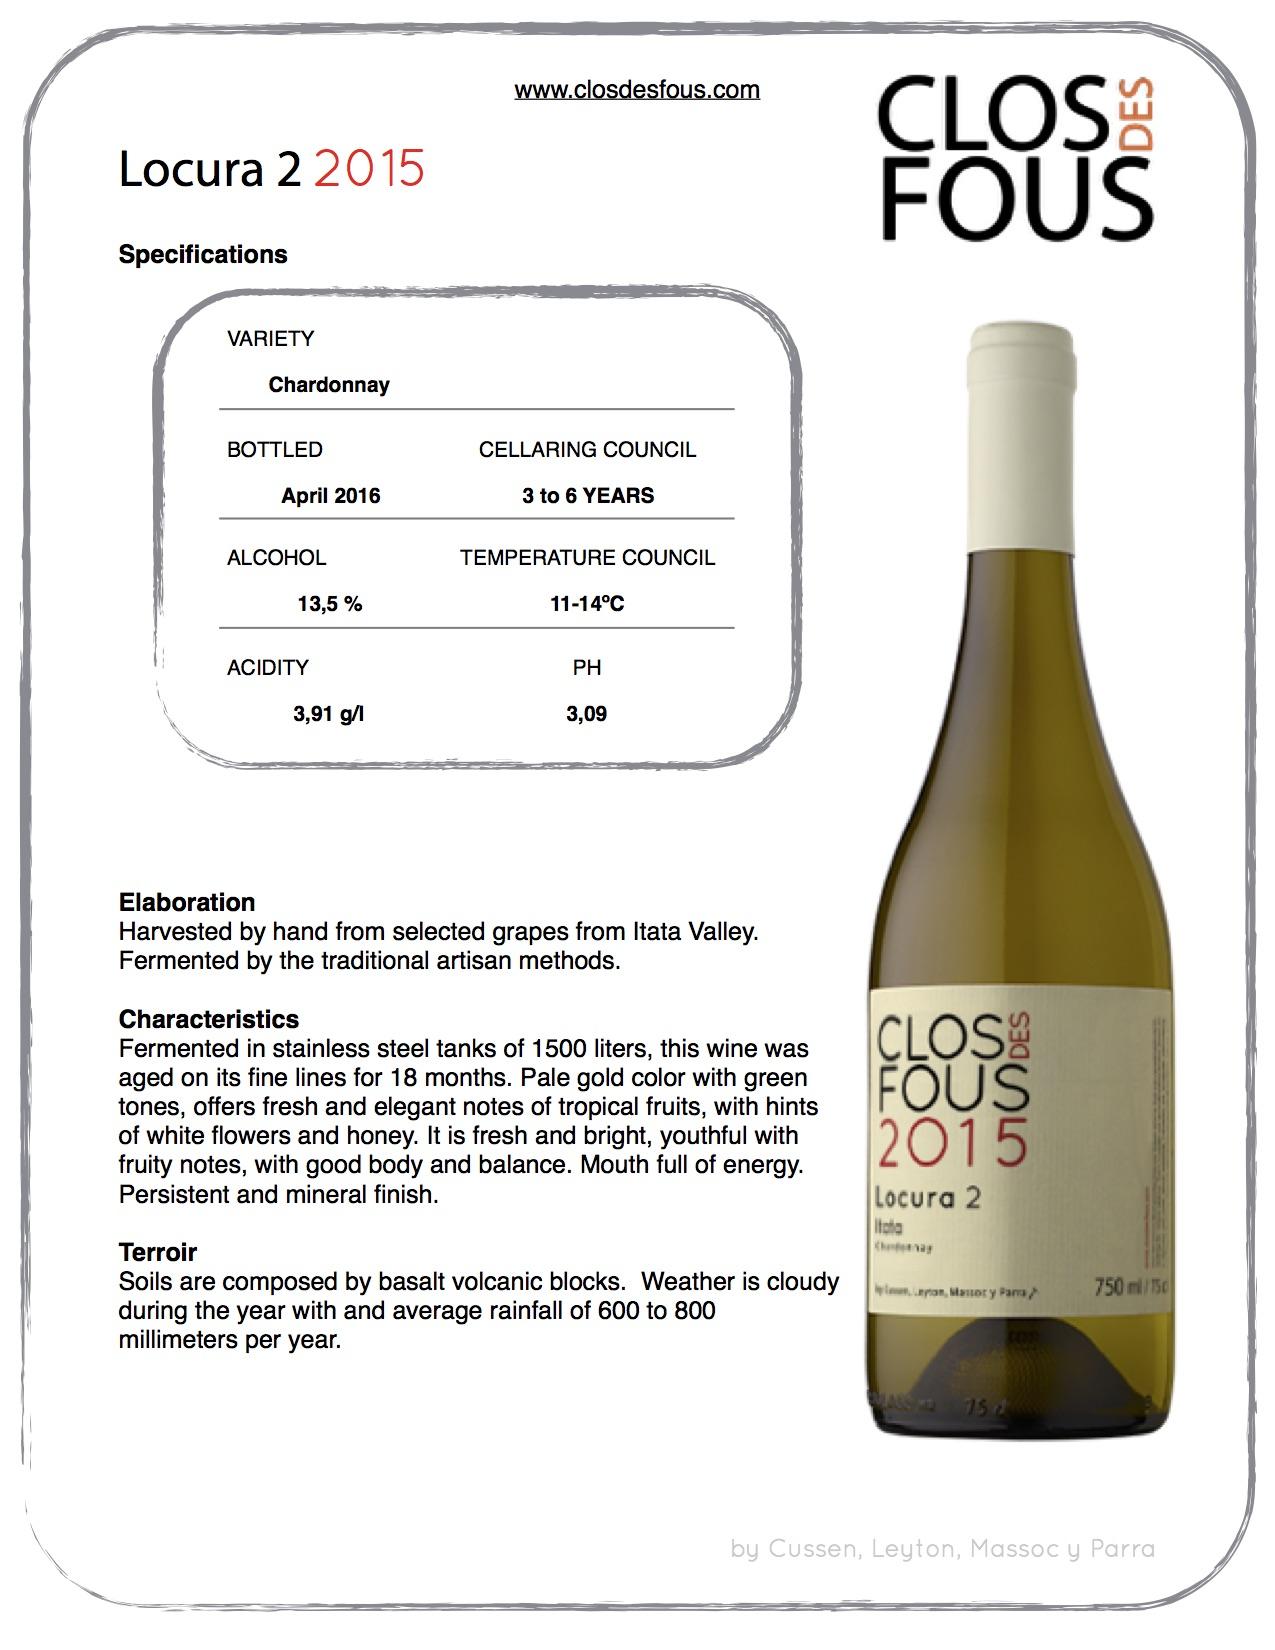 Weisswein aus Chile Clos des Fous Locura 2 online bestellen